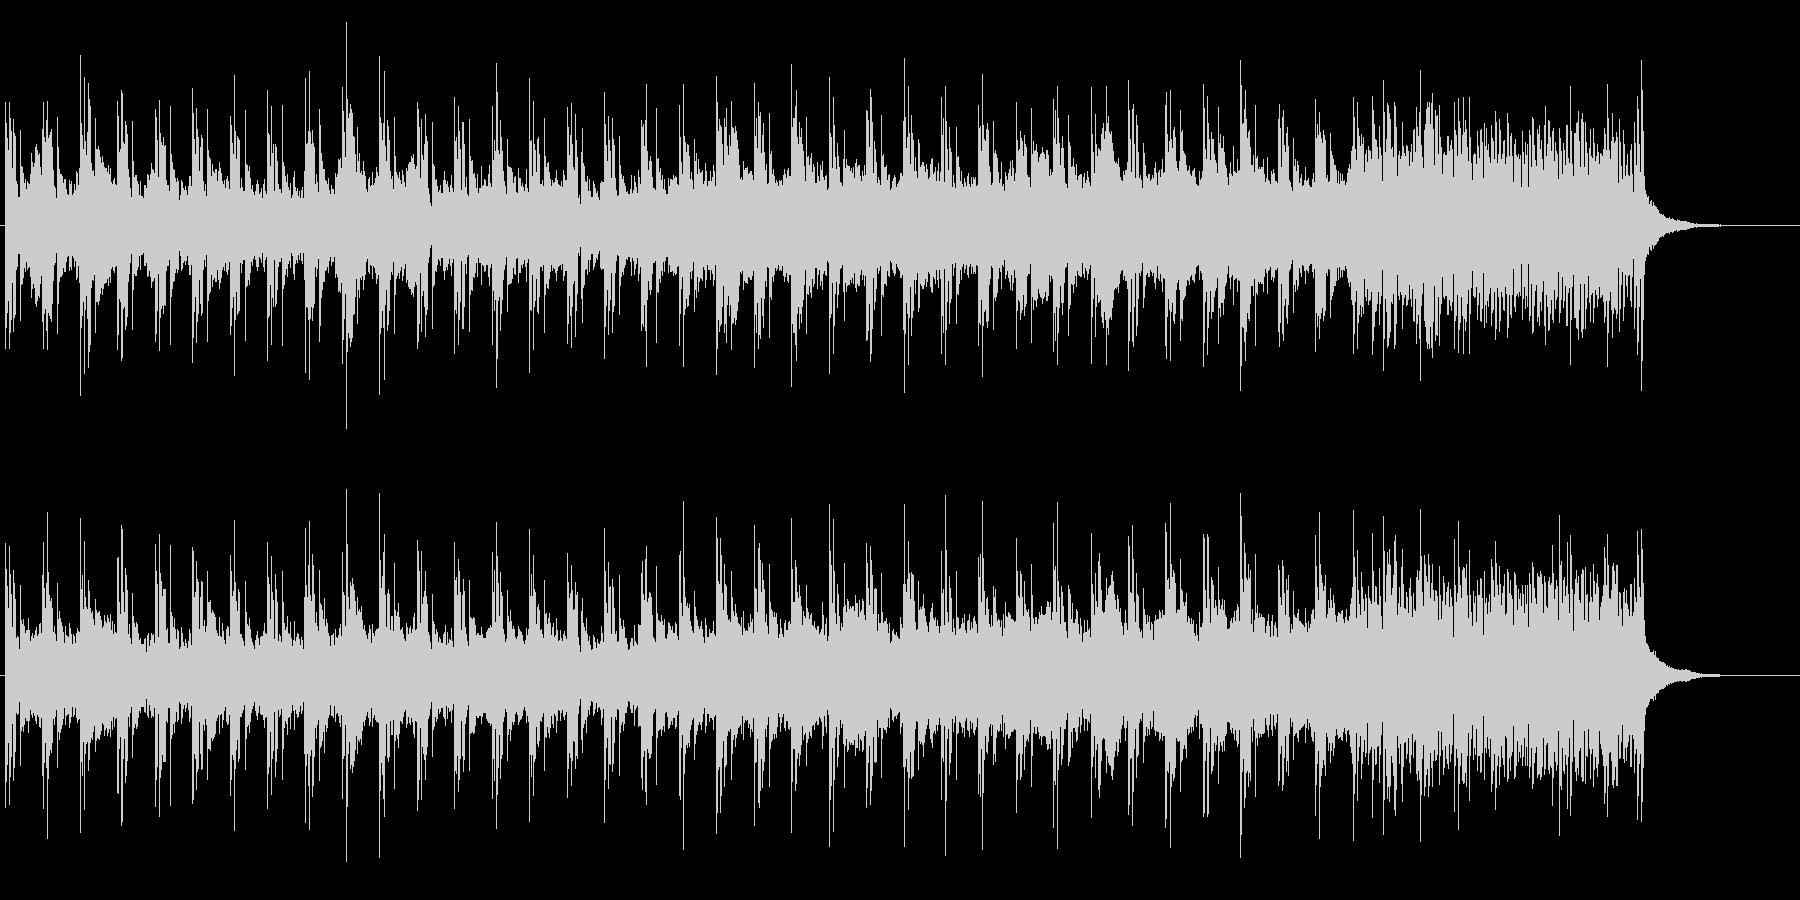 退廃的なムードを漂わせたサウンドの未再生の波形